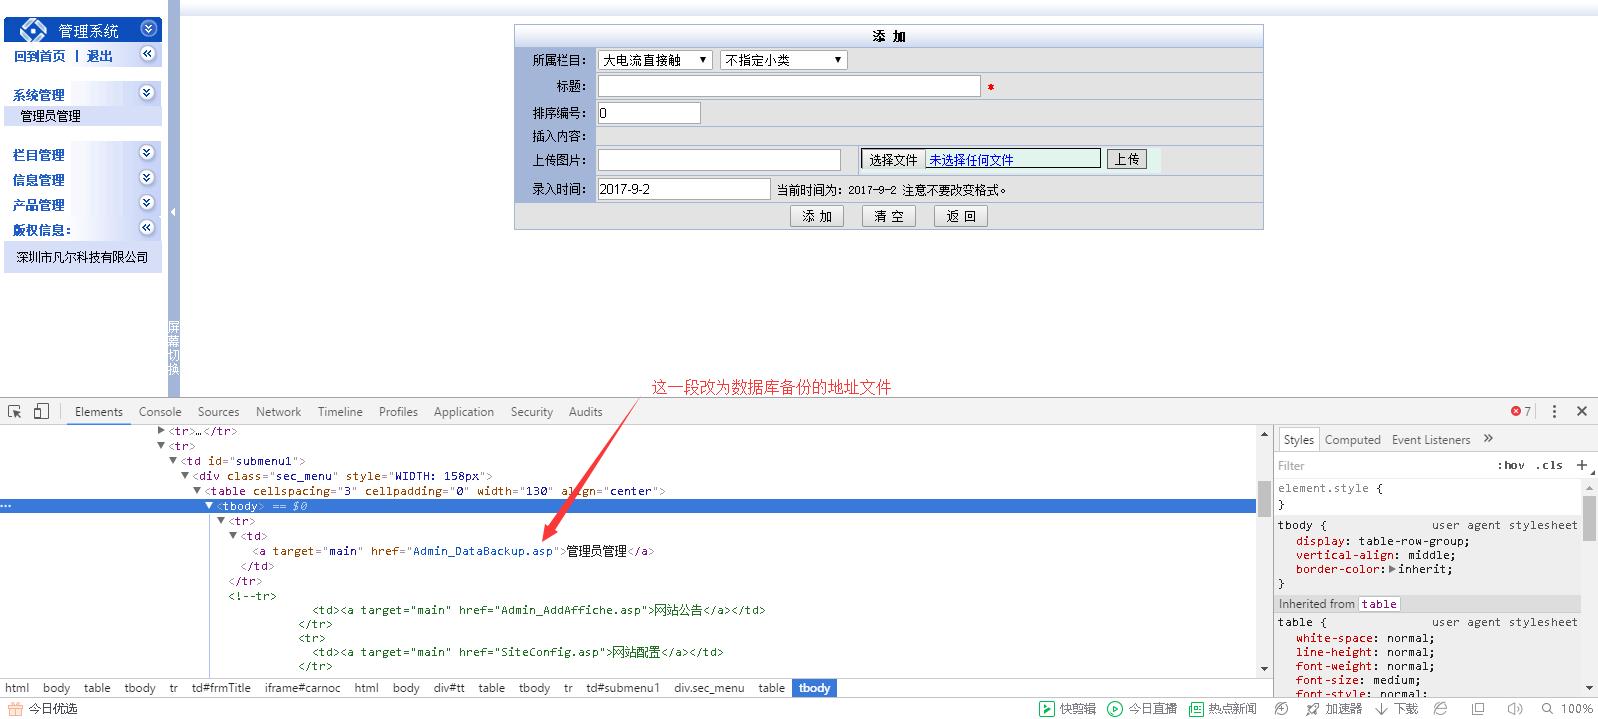 通过审核元素+数据库备份拿webshell